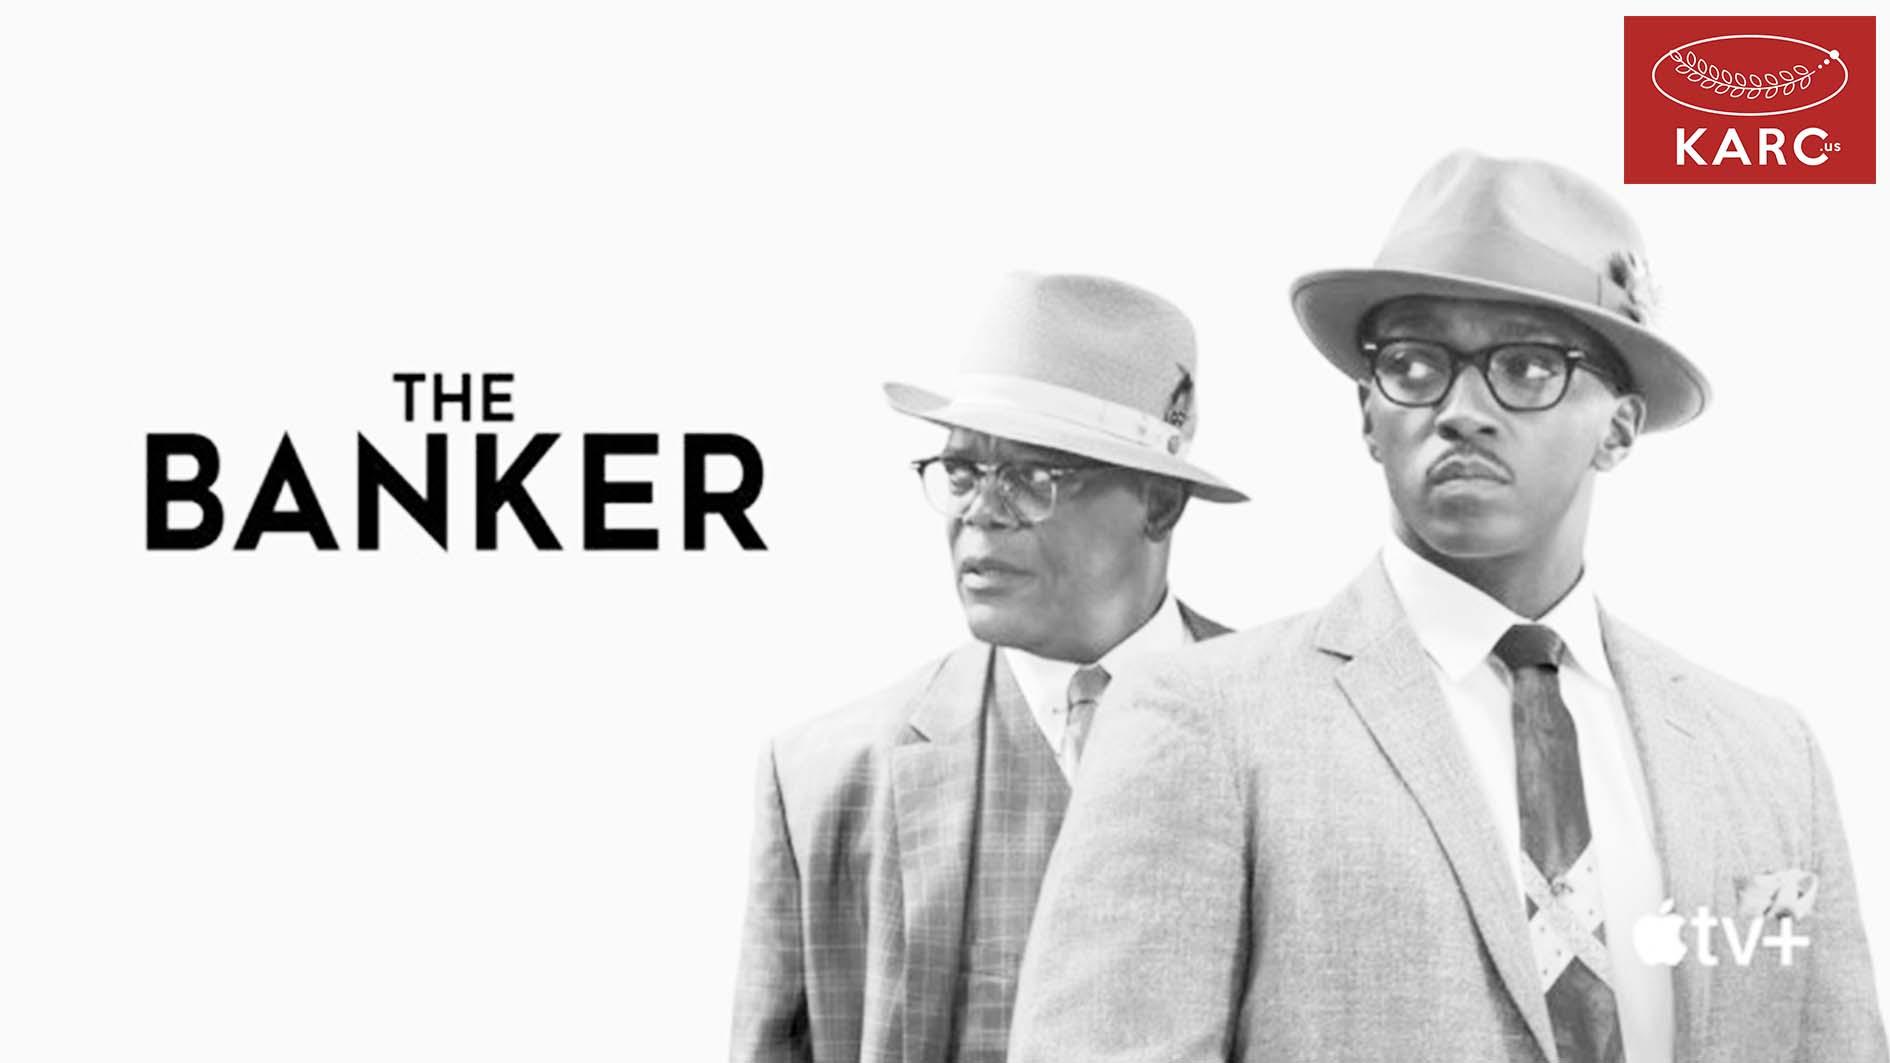 รีวิวหนัง Apple TV+ : The Banker karc.us วงการภาพยนต์ แนะนำหนังดี แนะนำหนังน่าดู หนังน่าดู รีวิวหนังใหม่ ก่อนตายต้องได้ดู! ข่าวดารา ข่าวเด่นประเด็นร้อน รีวิวหนังใหม่ หนังดังในอดีต karc.us